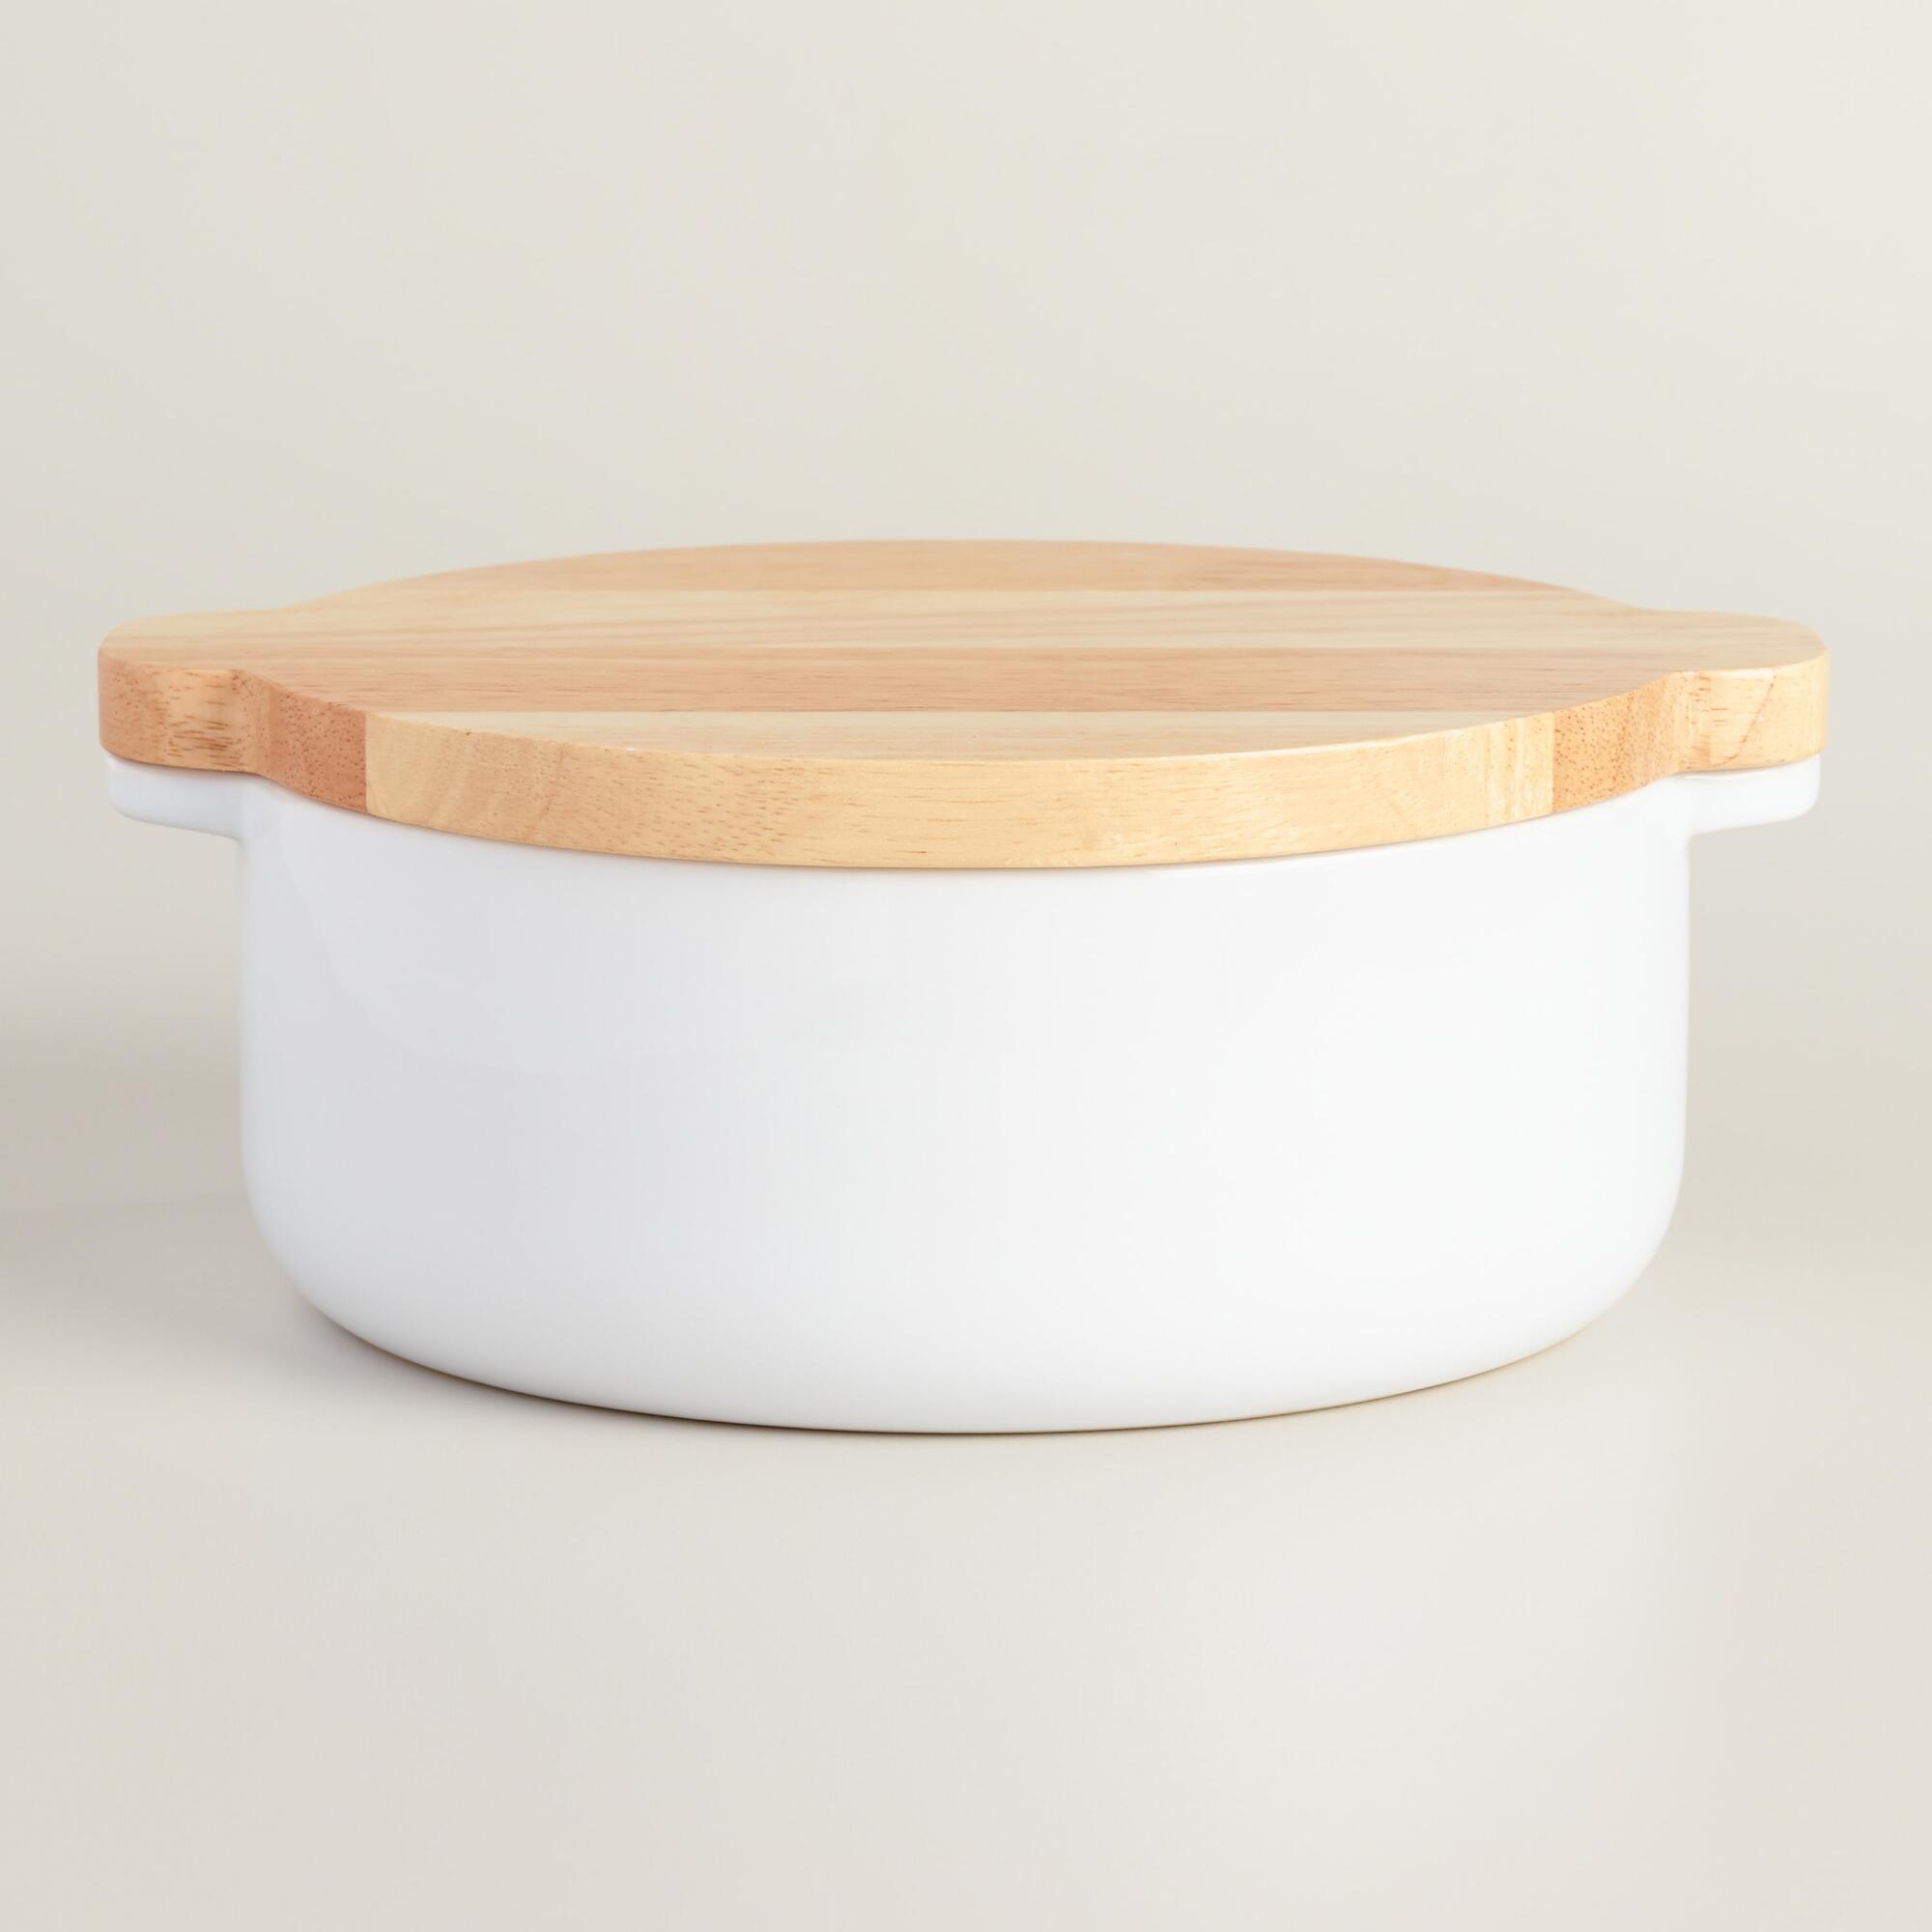 Small White Ceramic Baker with Wood Trivet Lid | World Market